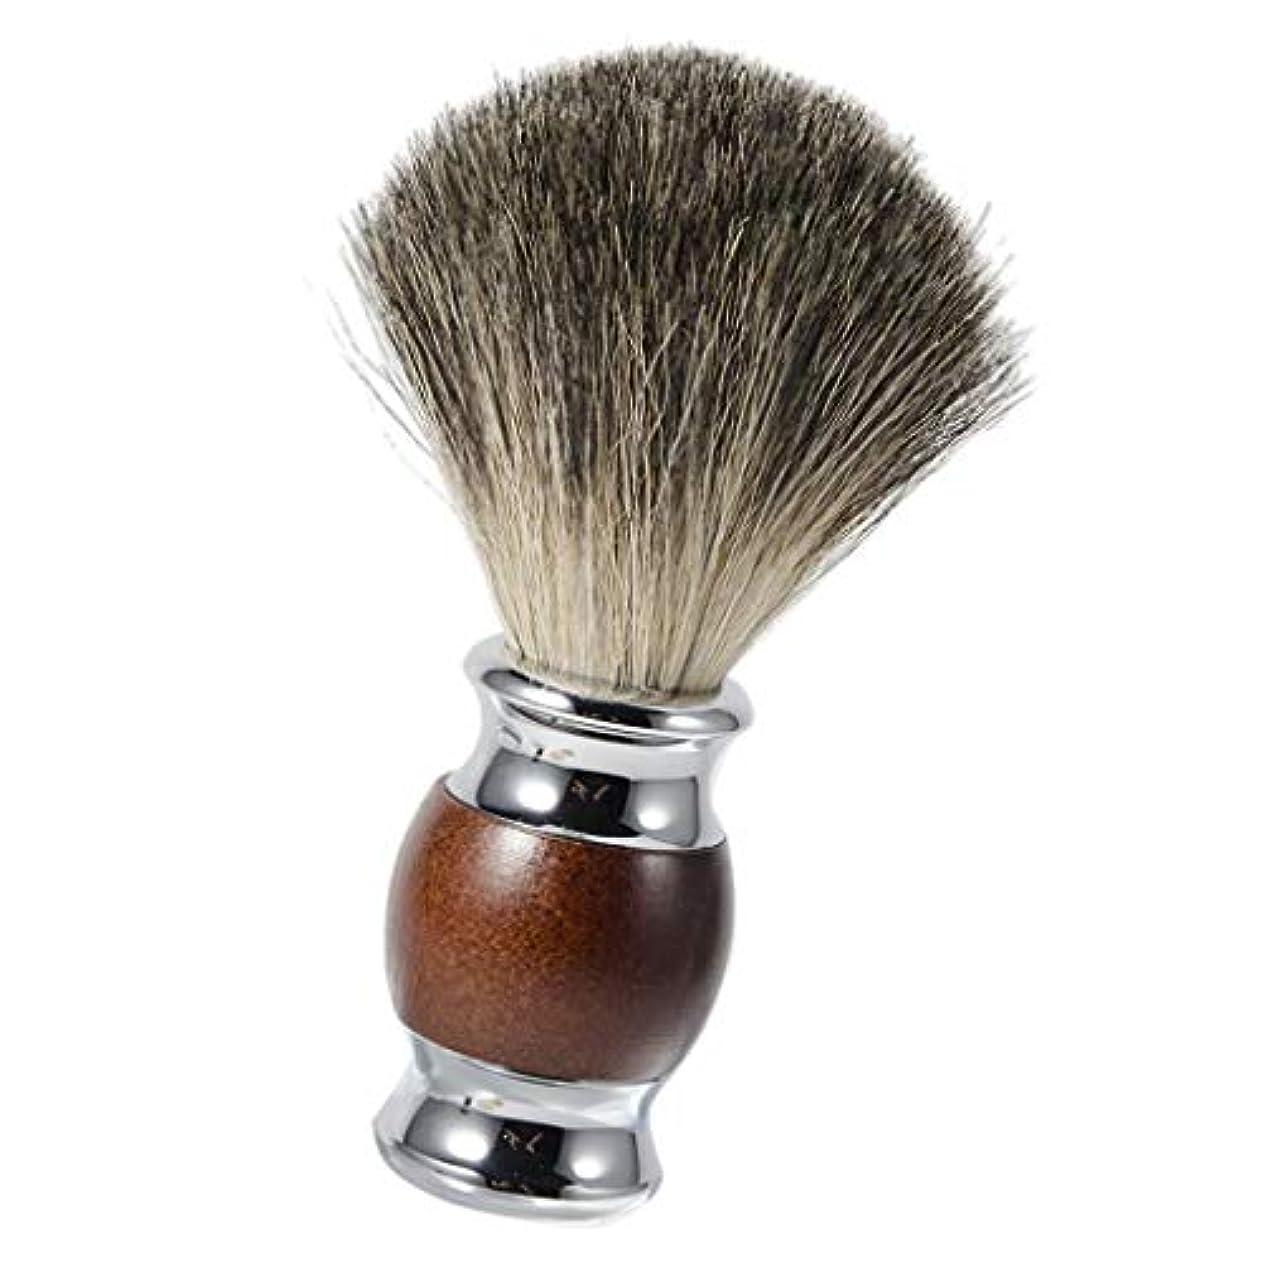 指令昼食アラートsharprepublic メンズ用 髭剃り ブラシ シェービングブラシ 木製ハンドル 理容 洗顔 髭剃り ギフト